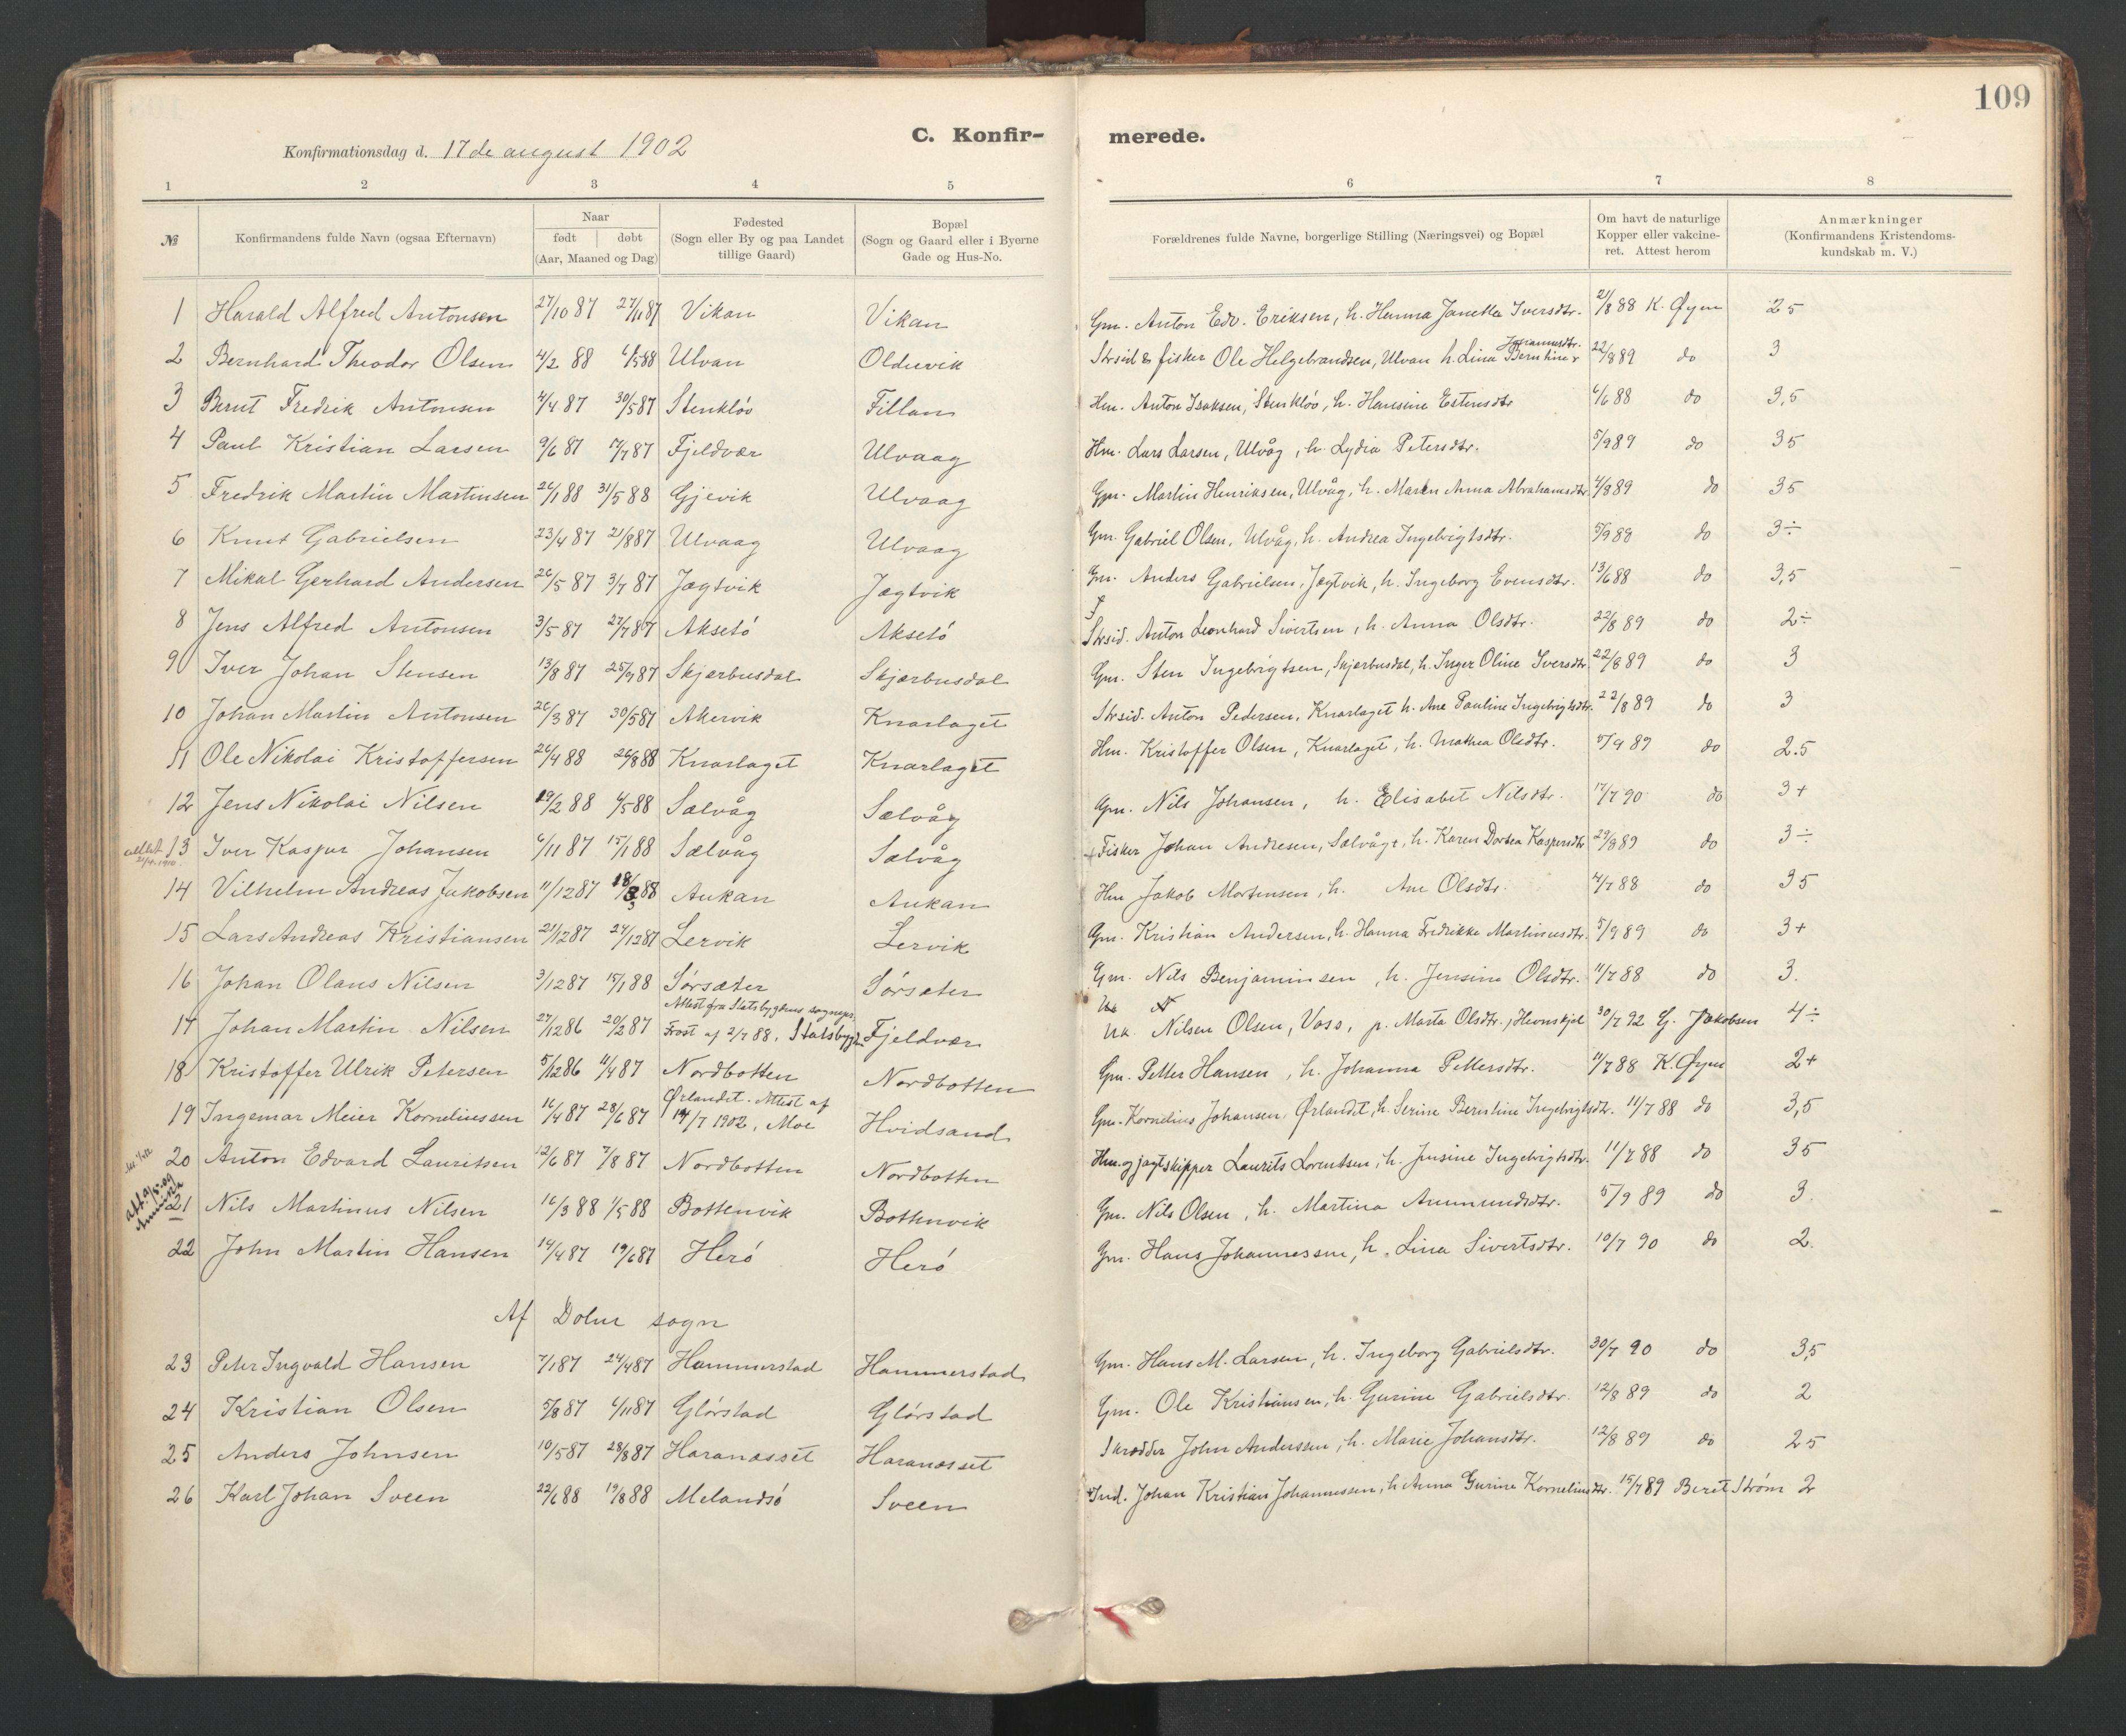 SAT, Ministerialprotokoller, klokkerbøker og fødselsregistre - Sør-Trøndelag, 637/L0559: Ministerialbok nr. 637A02, 1899-1923, s. 109